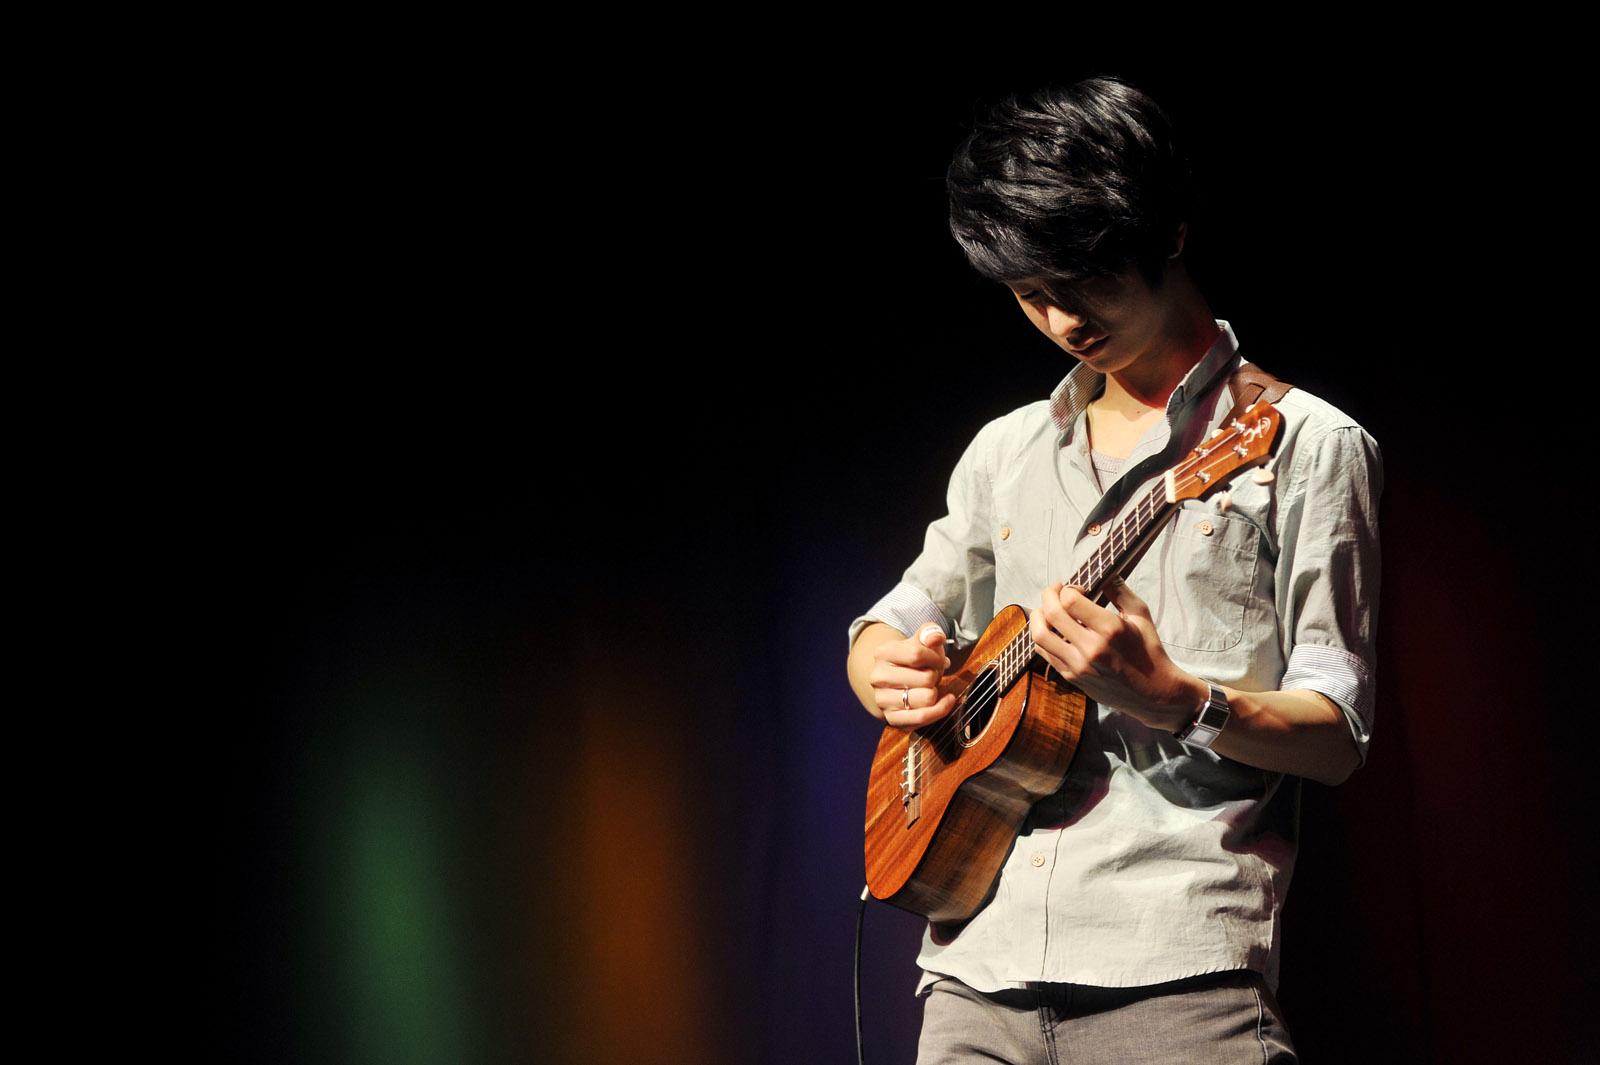 말레이시아 펜앙 콘서트중~ http://t.co/YyEBK3Vl